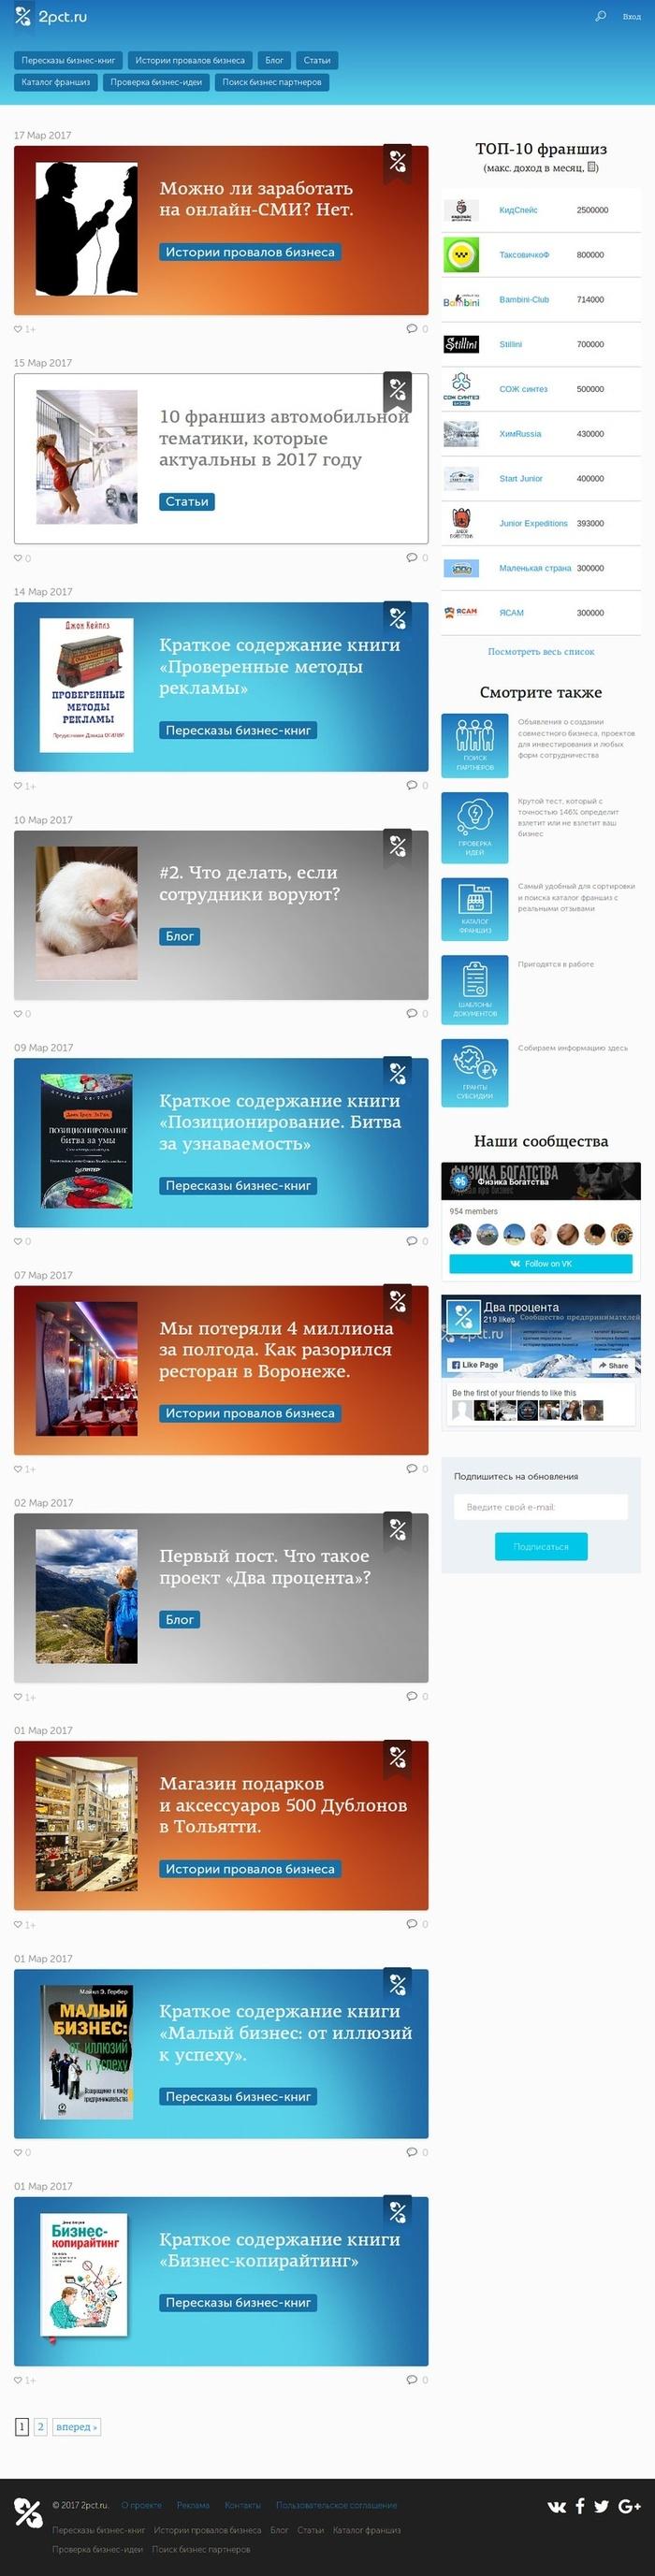 Реклама интернет пирамиды покупателей т д наиболее распространенно рунет мошенничество как лучше рекламировать университет